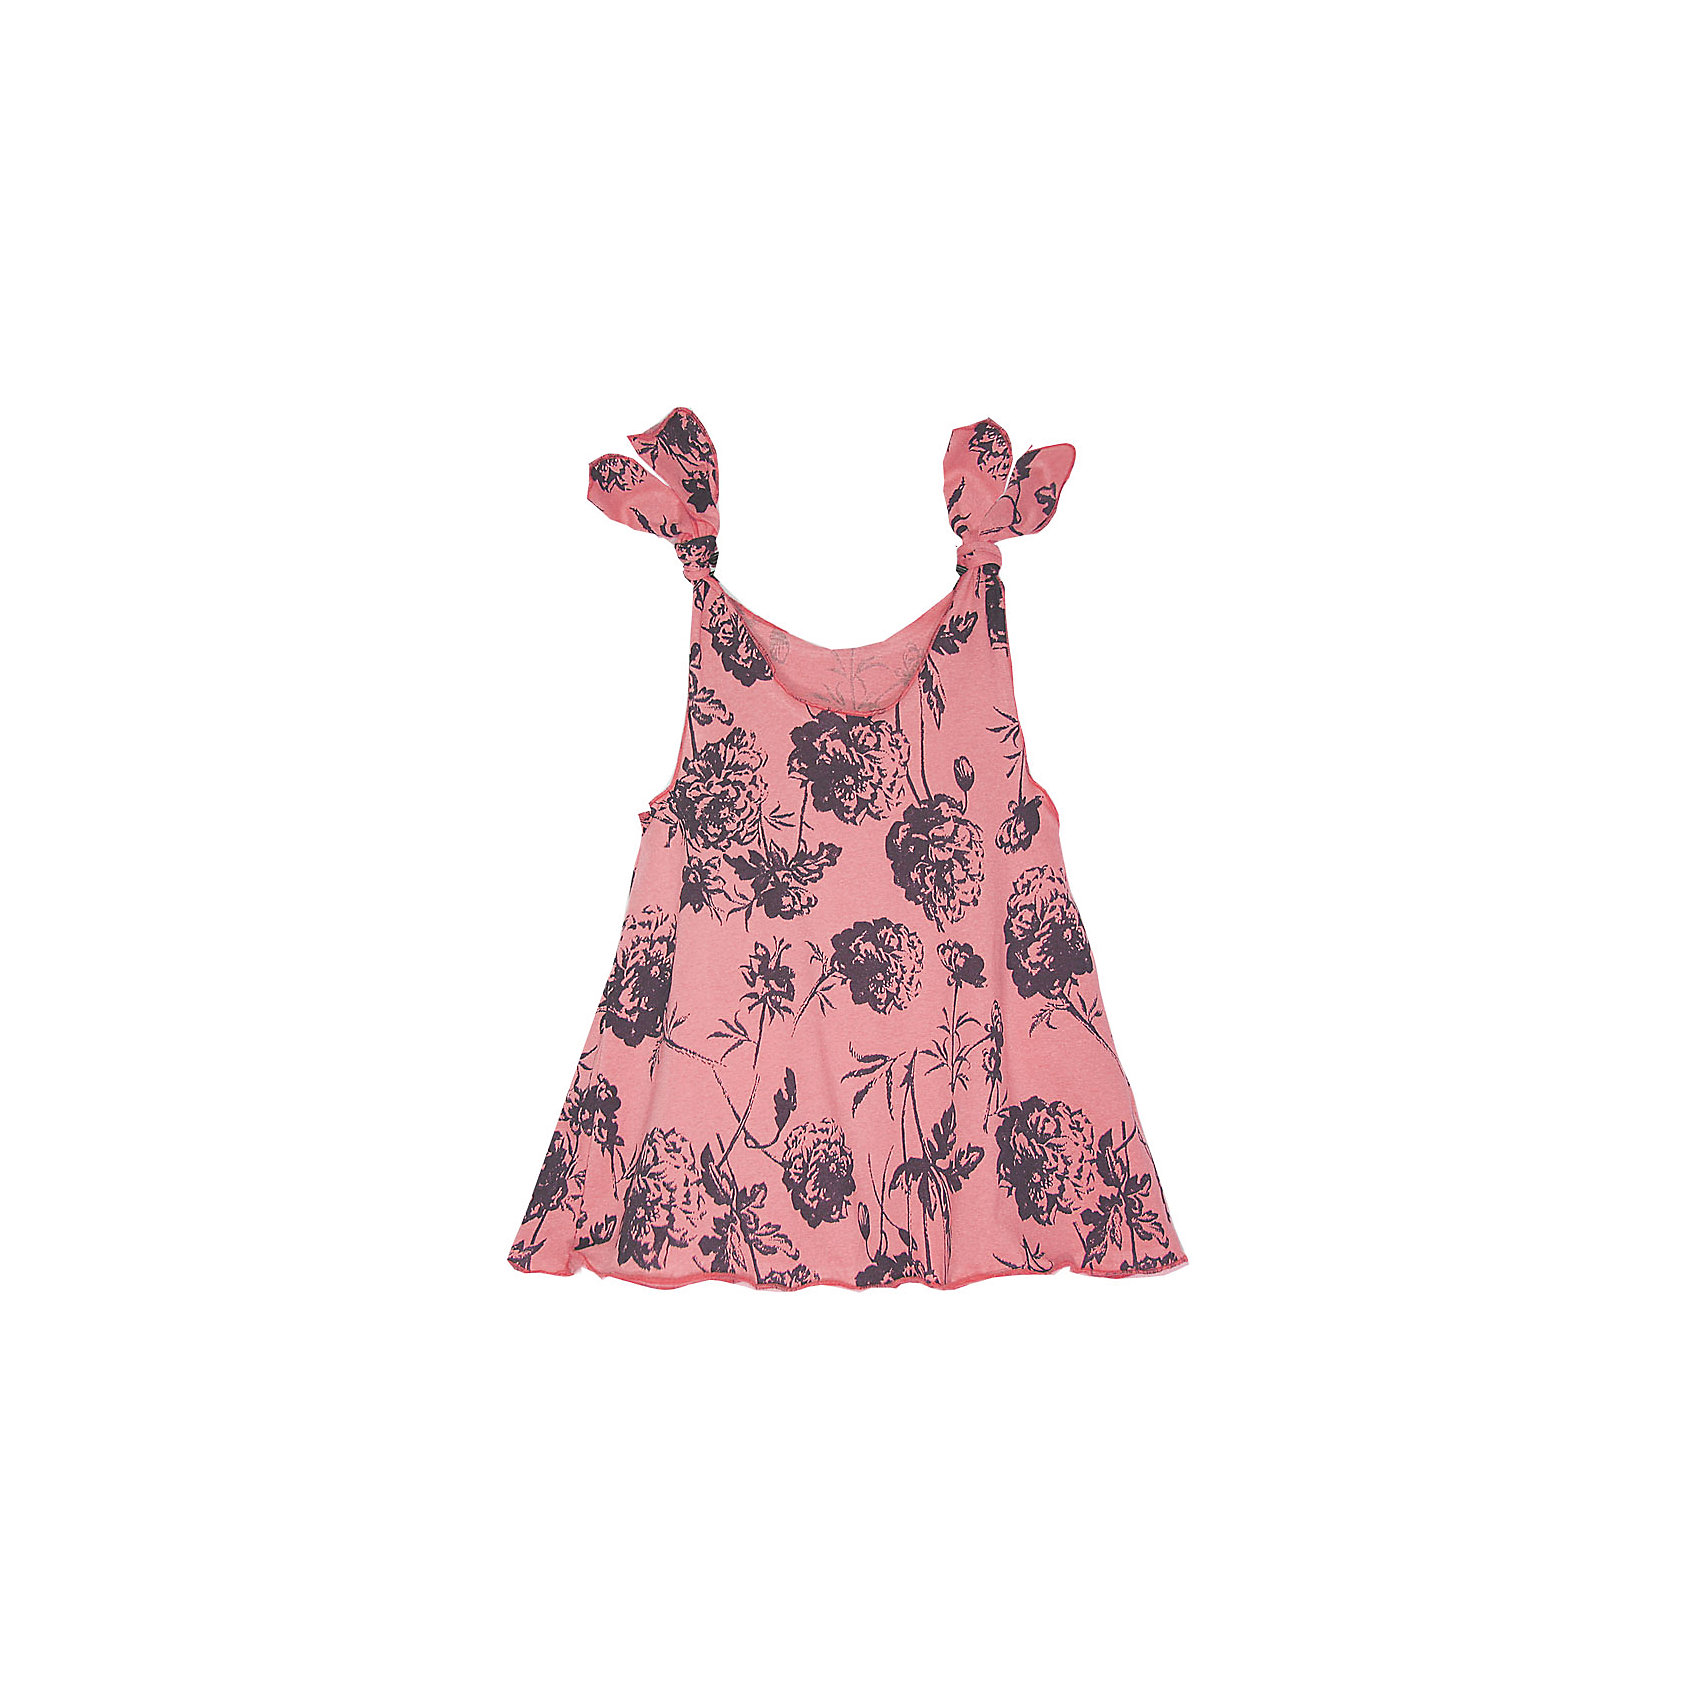 Платье для девочки KotMarKotПлатья и сарафаны<br>Платье для девочки KotMarKot<br>Состав:<br>100% хлопок<br><br>Ширина мм: 236<br>Глубина мм: 16<br>Высота мм: 184<br>Вес г: 177<br>Цвет: розовый<br>Возраст от месяцев: 72<br>Возраст до месяцев: 84<br>Пол: Женский<br>Возраст: Детский<br>Размер: 122,92,98,104,110,116<br>SKU: 6755140